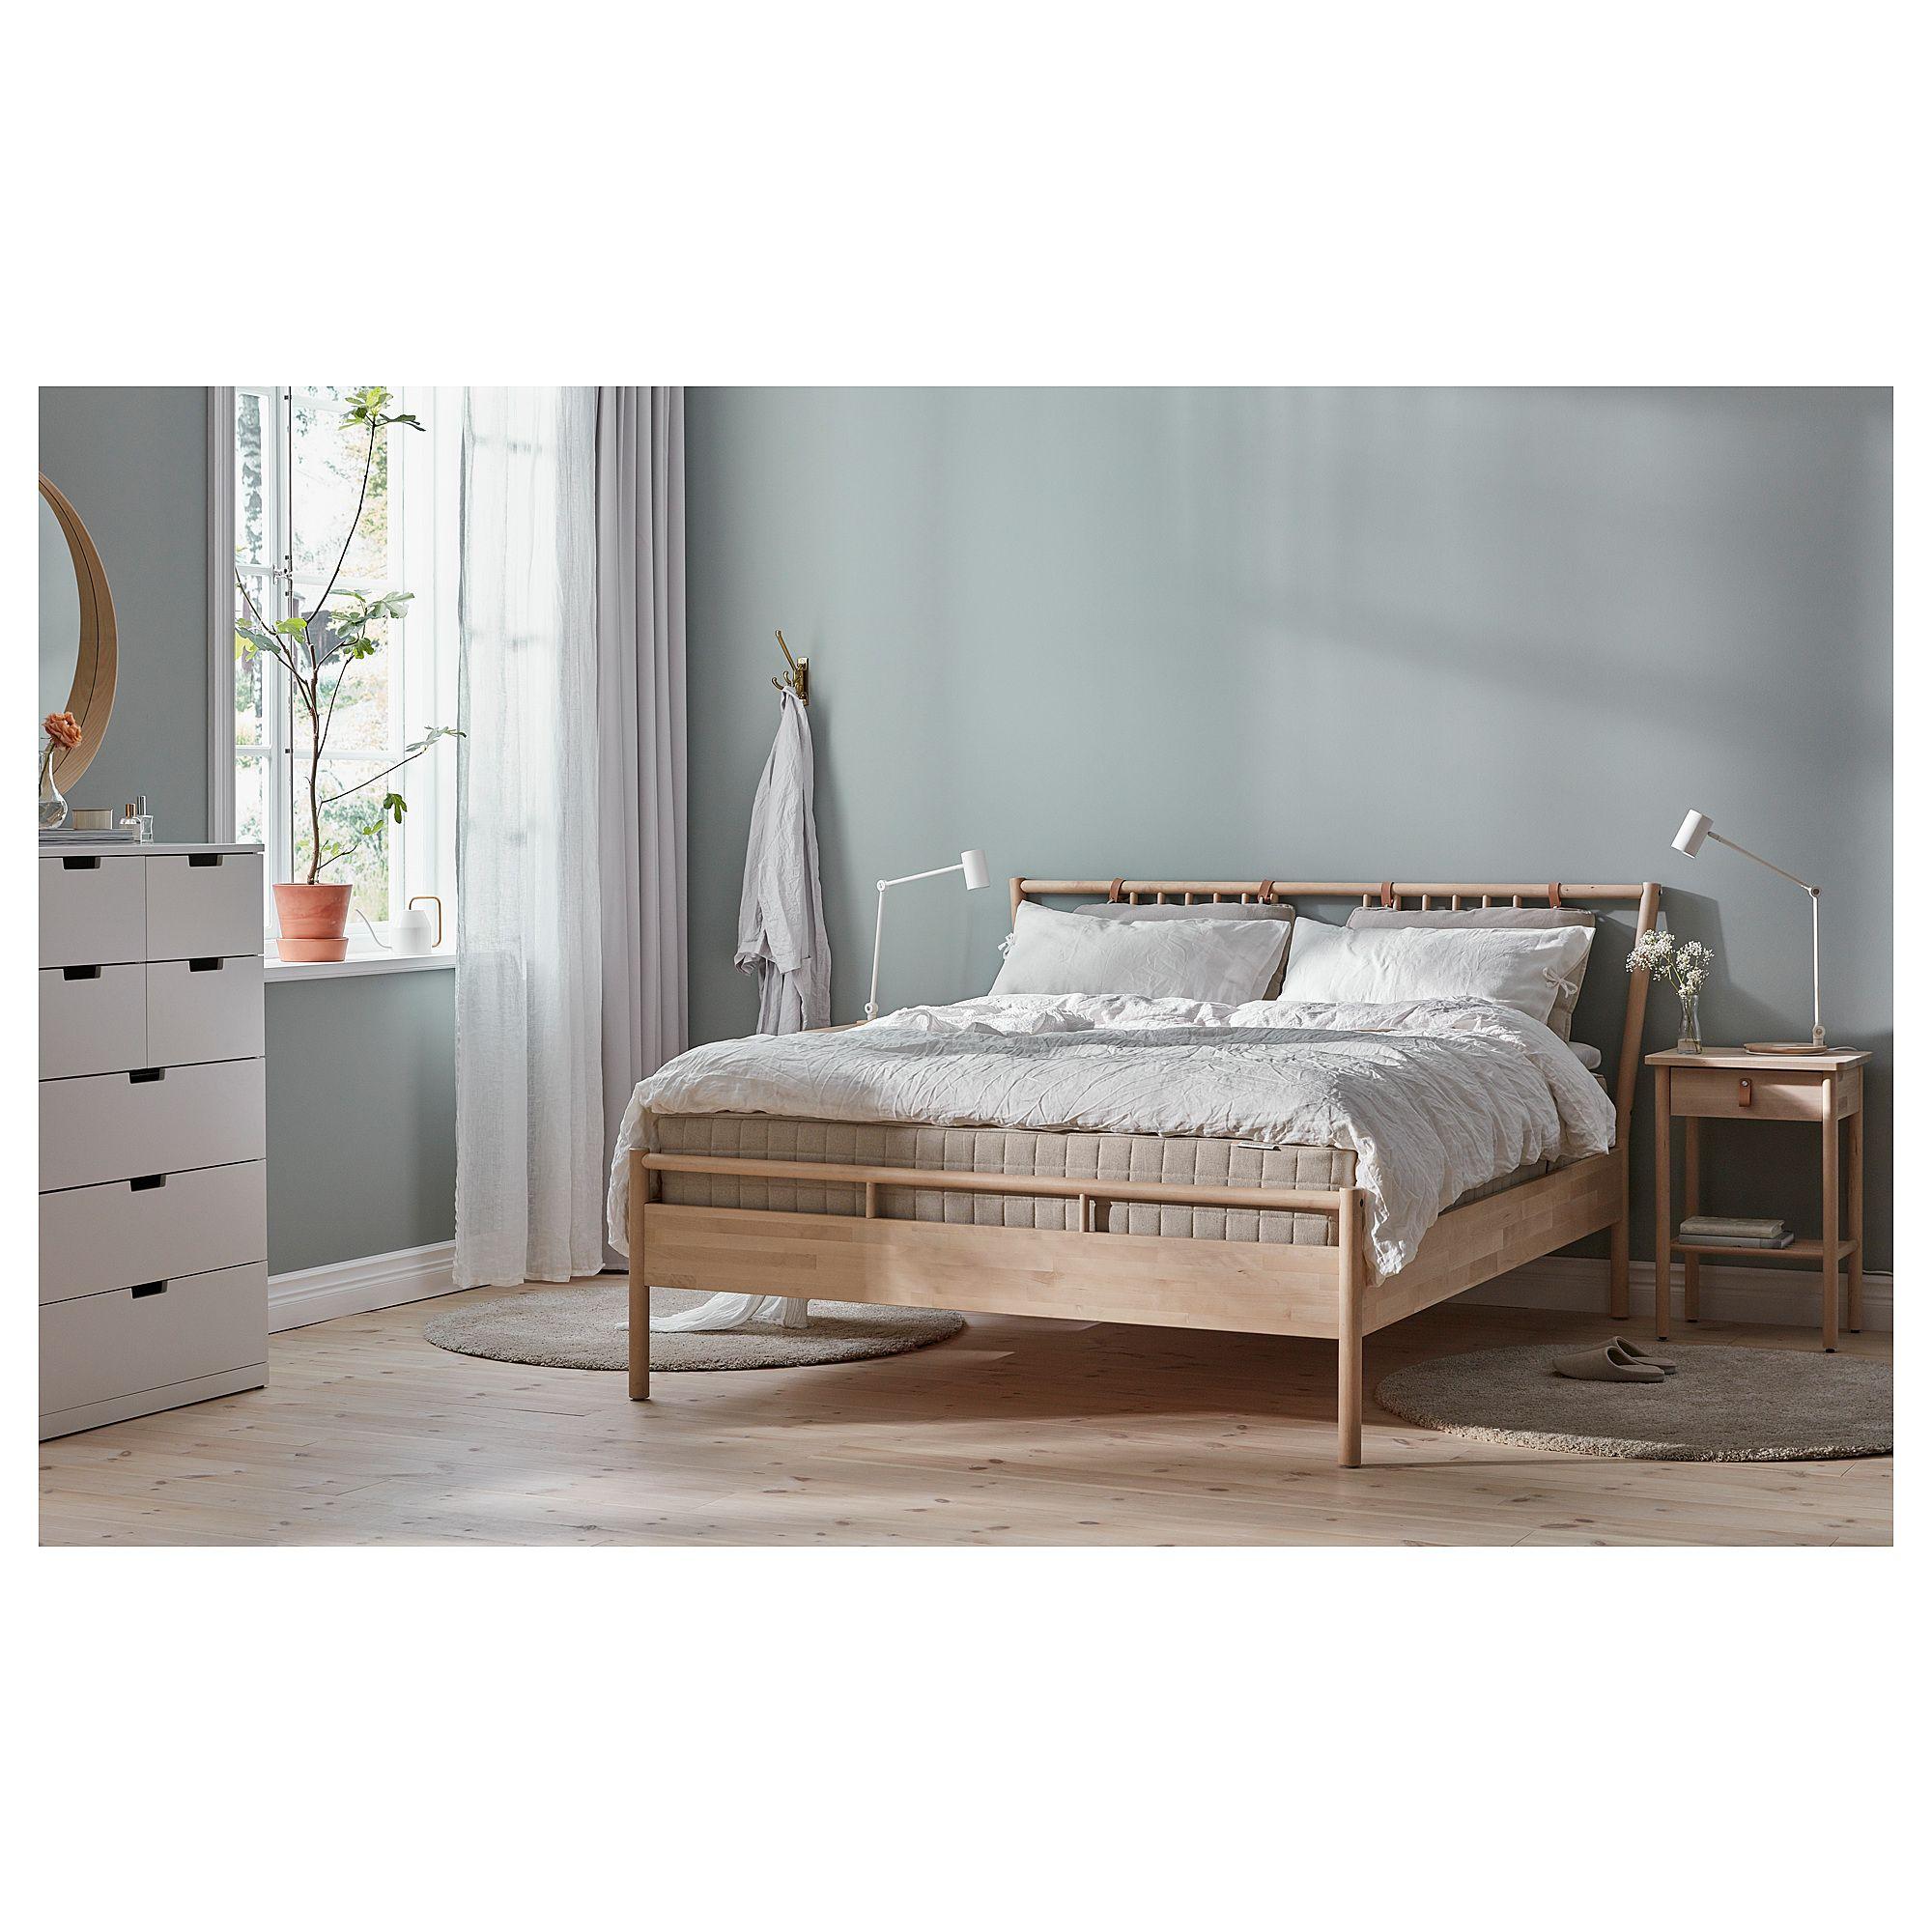 Bjorksnas Bed Frame Ikea Adjustable Beds Bed Frame Wood Bed Frame